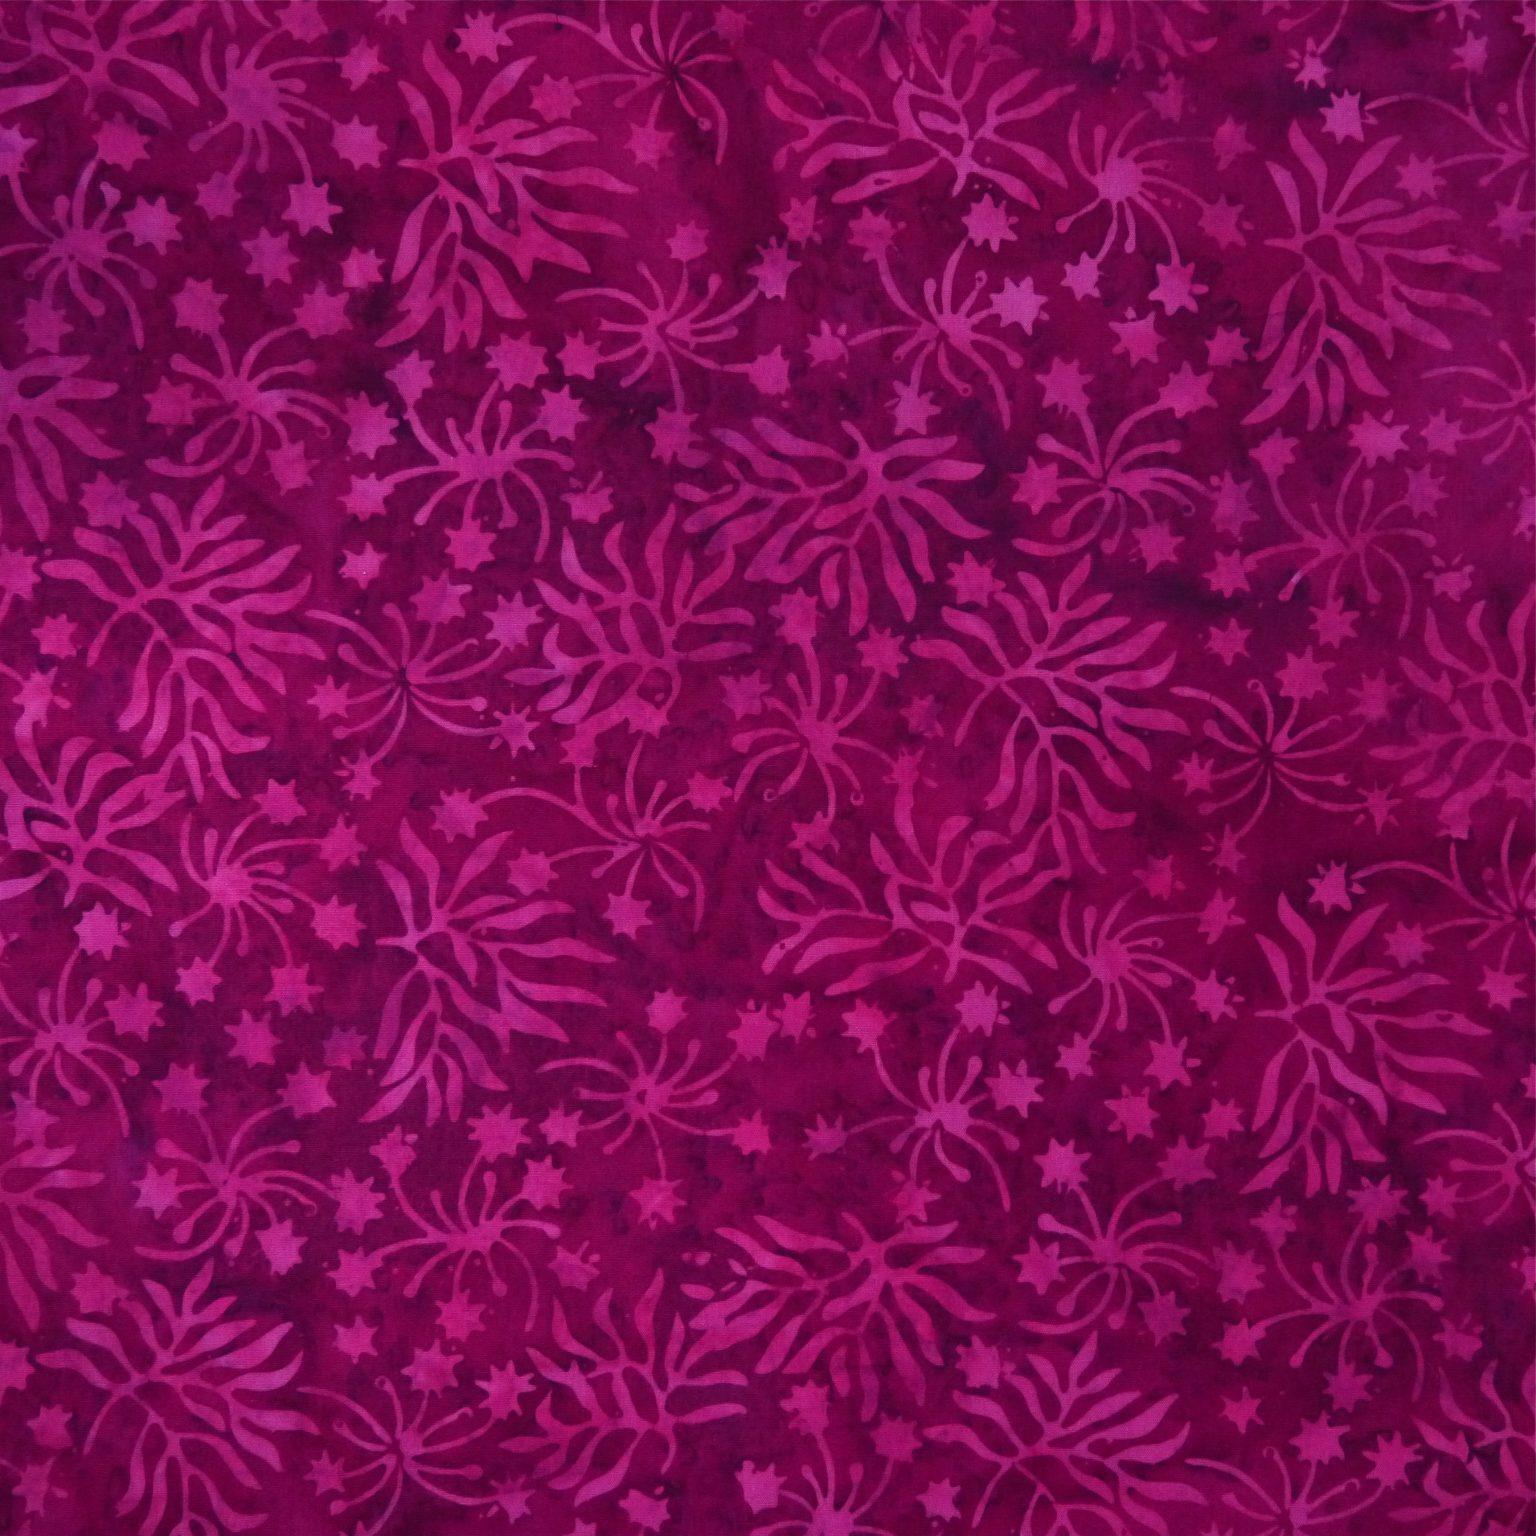 Plum Flambee - Rhubarb - Batik - 1/2m cut 56207